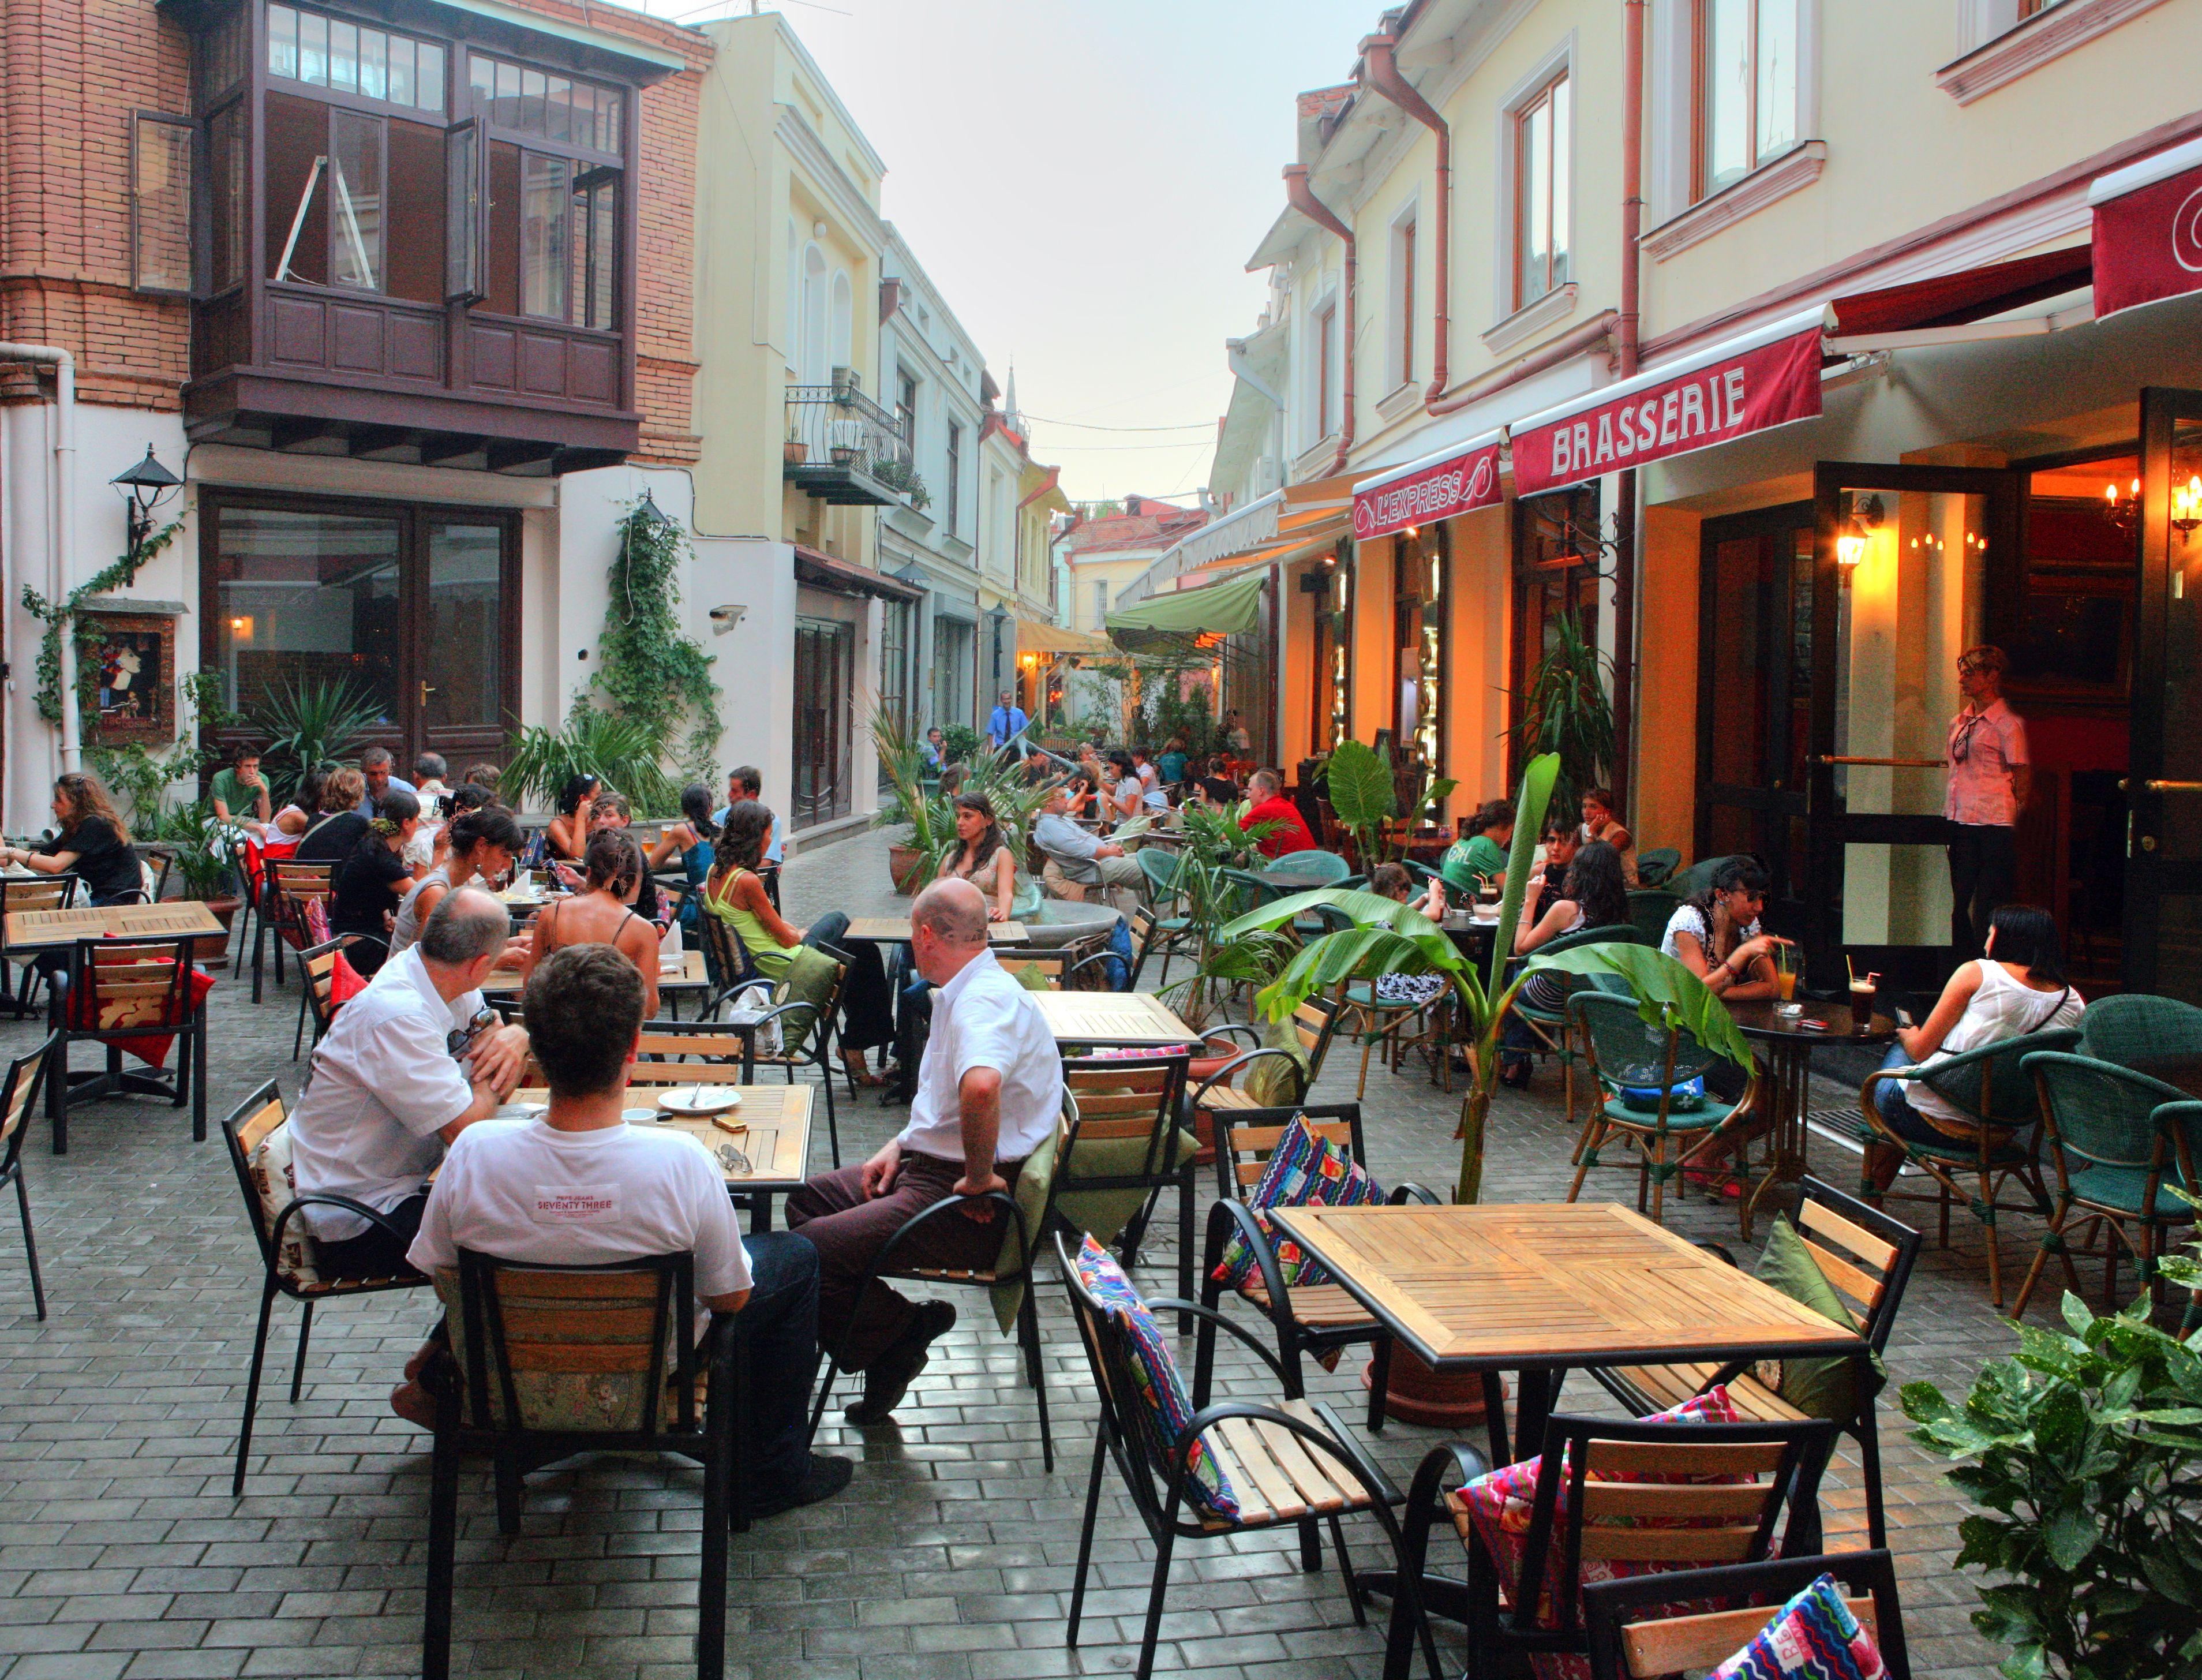 86b0cc8c9cecce9f05beea74498183ab - 8 دلیل عالی برای بازدید از تفلیس ، گرجستان | Tbilisi